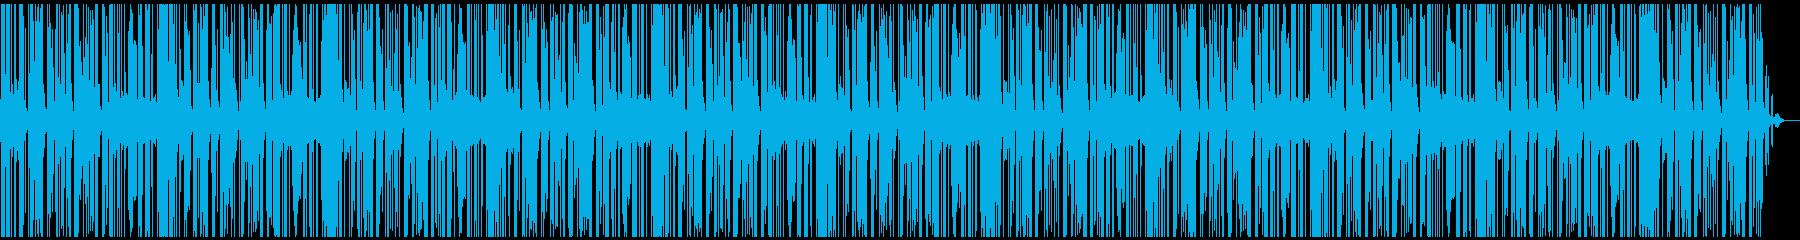 のんきで気の抜けたアコーディオンの再生済みの波形